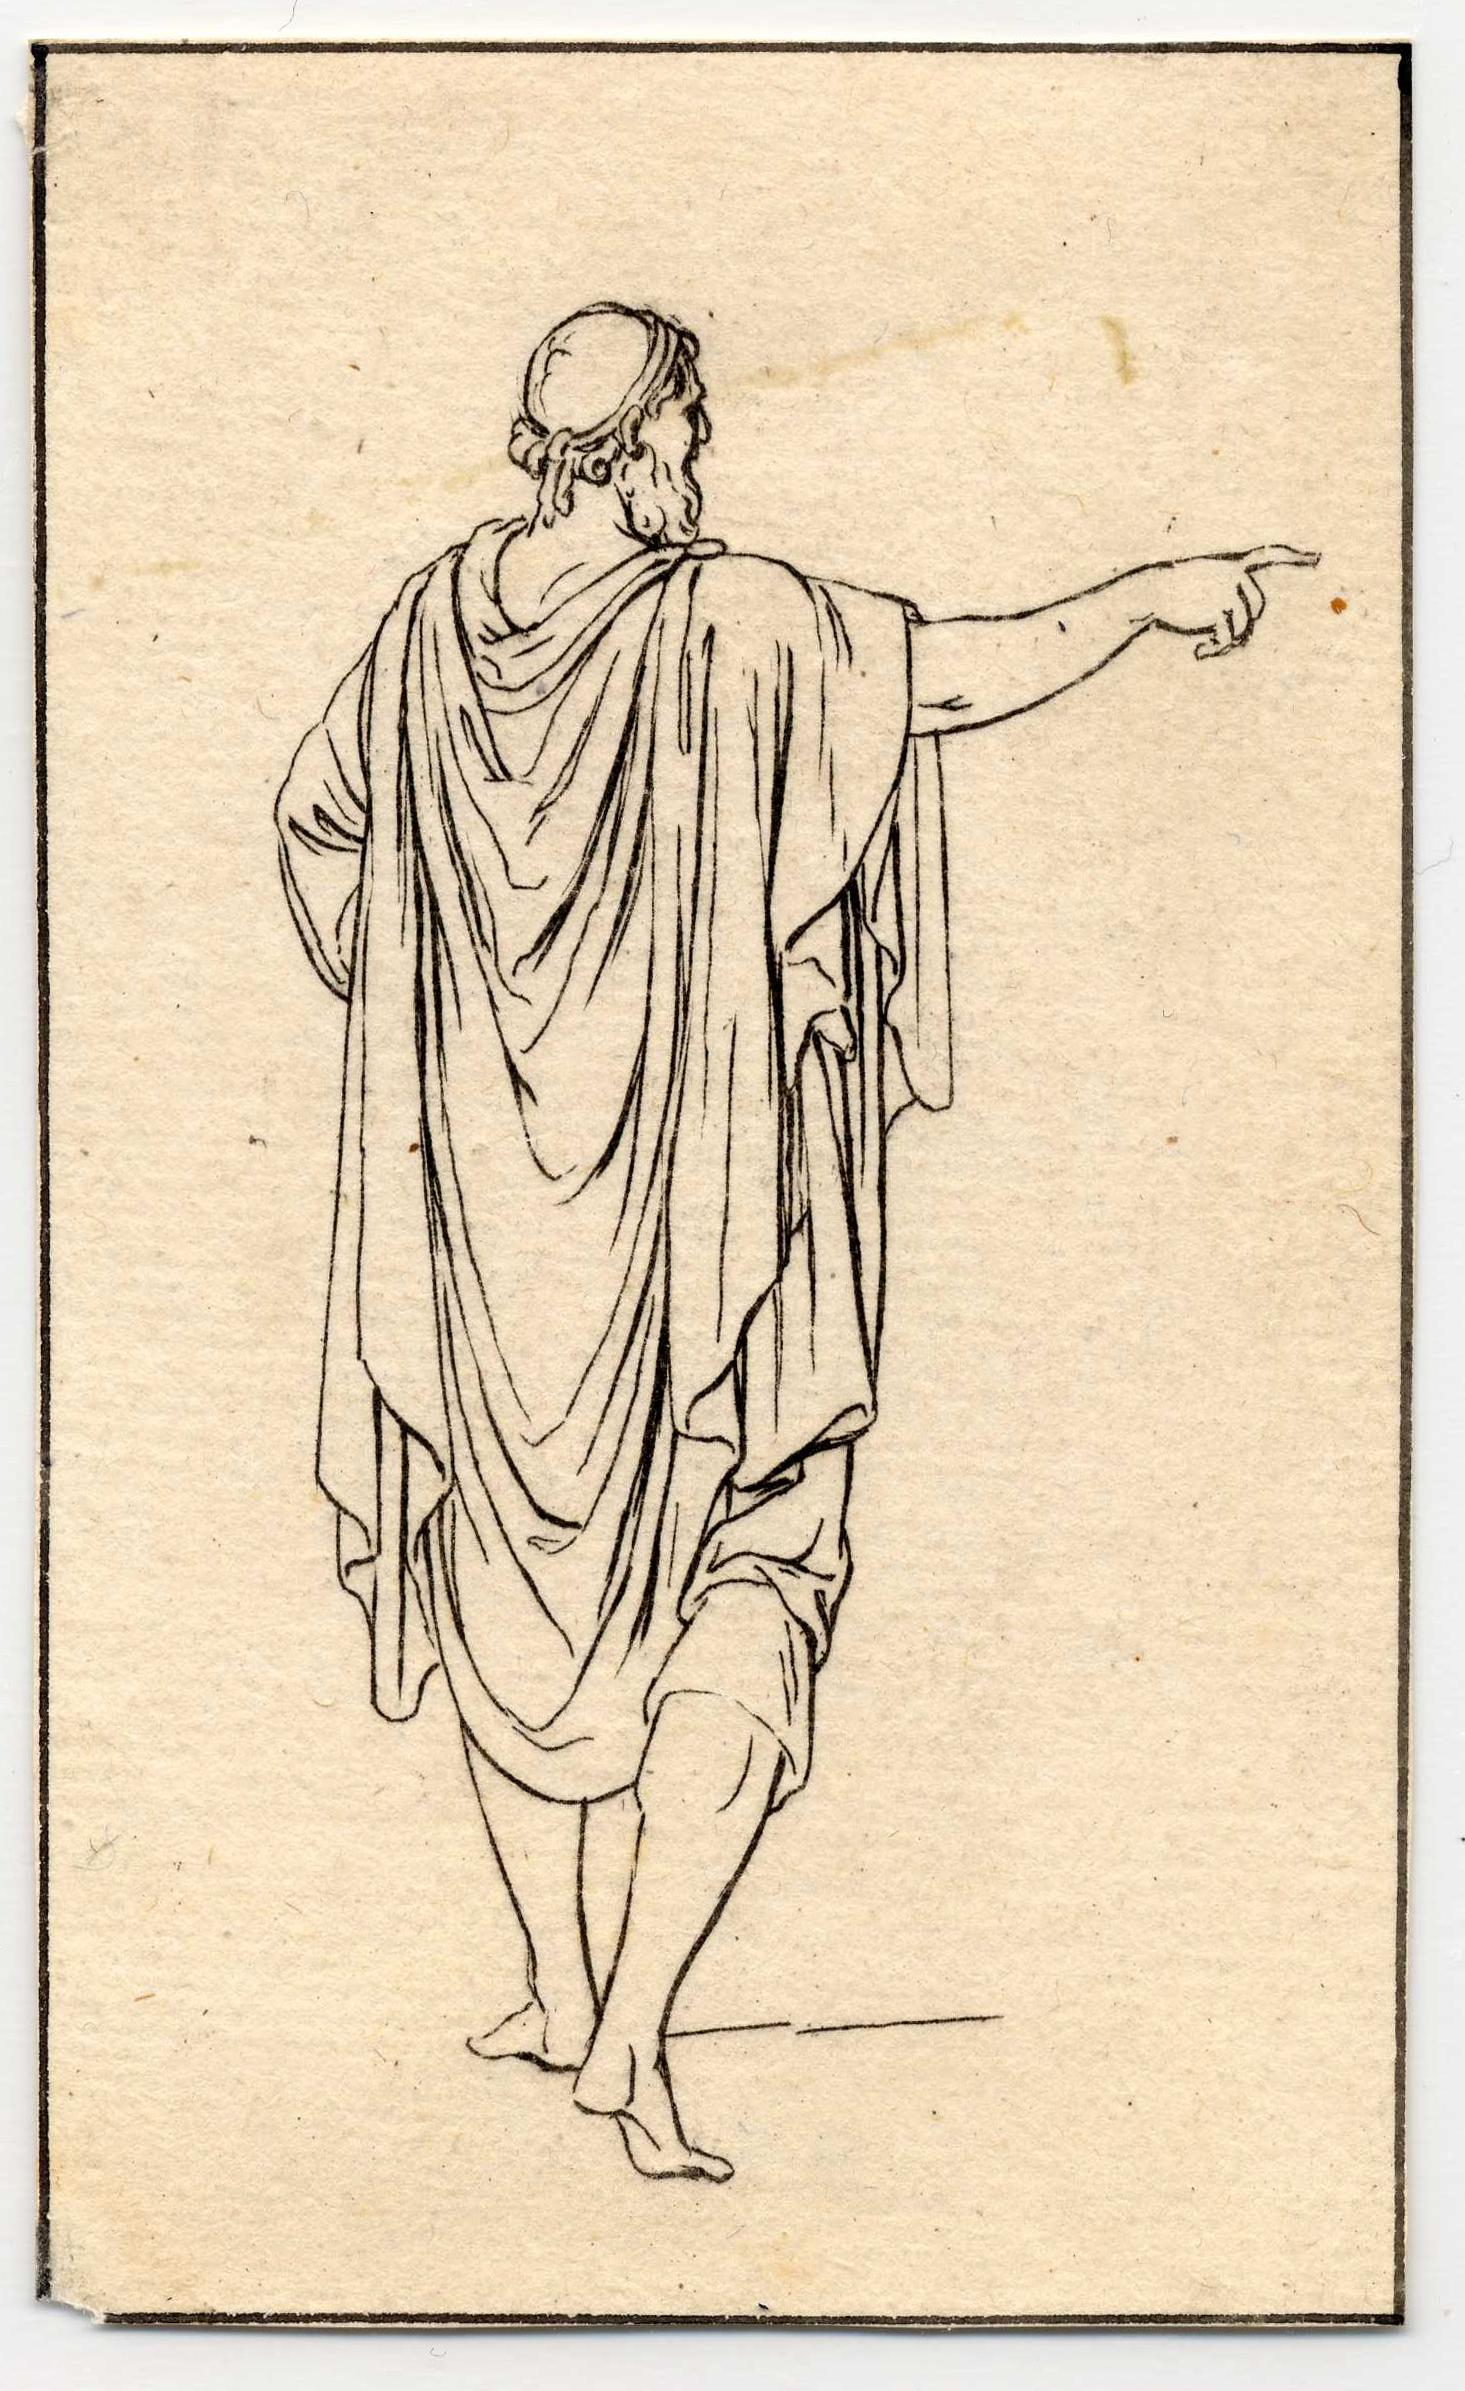 Contenu du Divers habillements des anciens Grecs et Romains, planche 11: un homme âgé